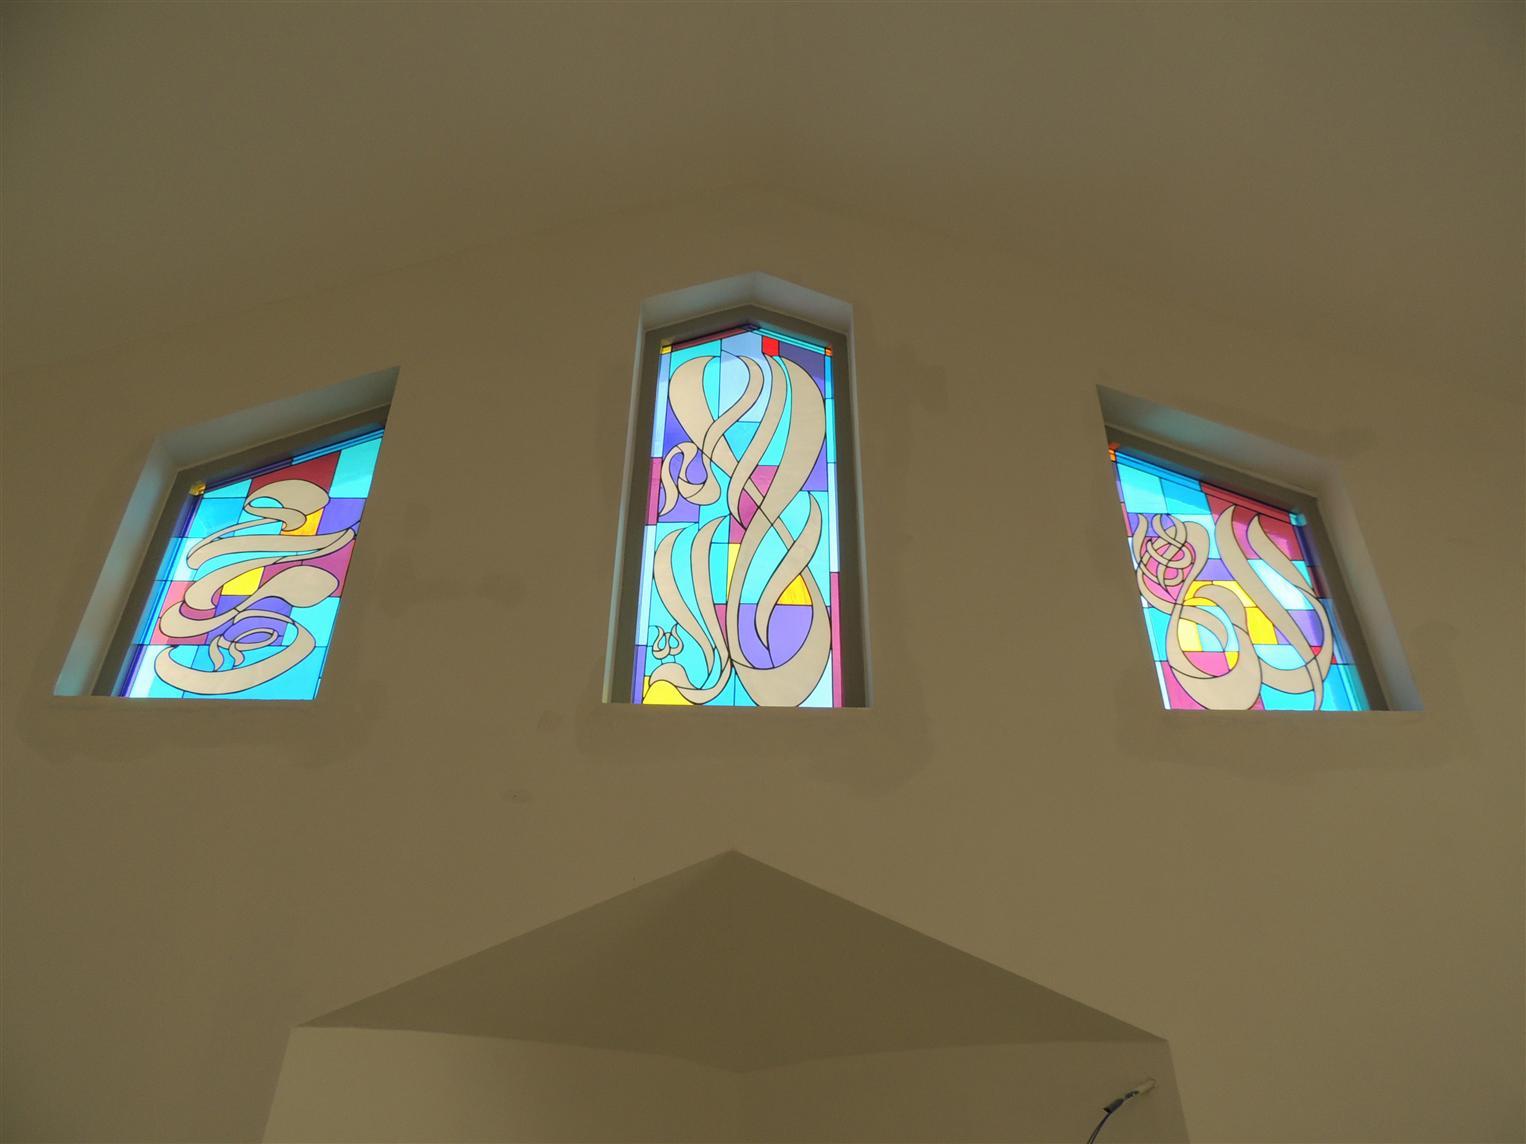 piri-reis-camii2015921174045588.jpg izmir vitray çalışması